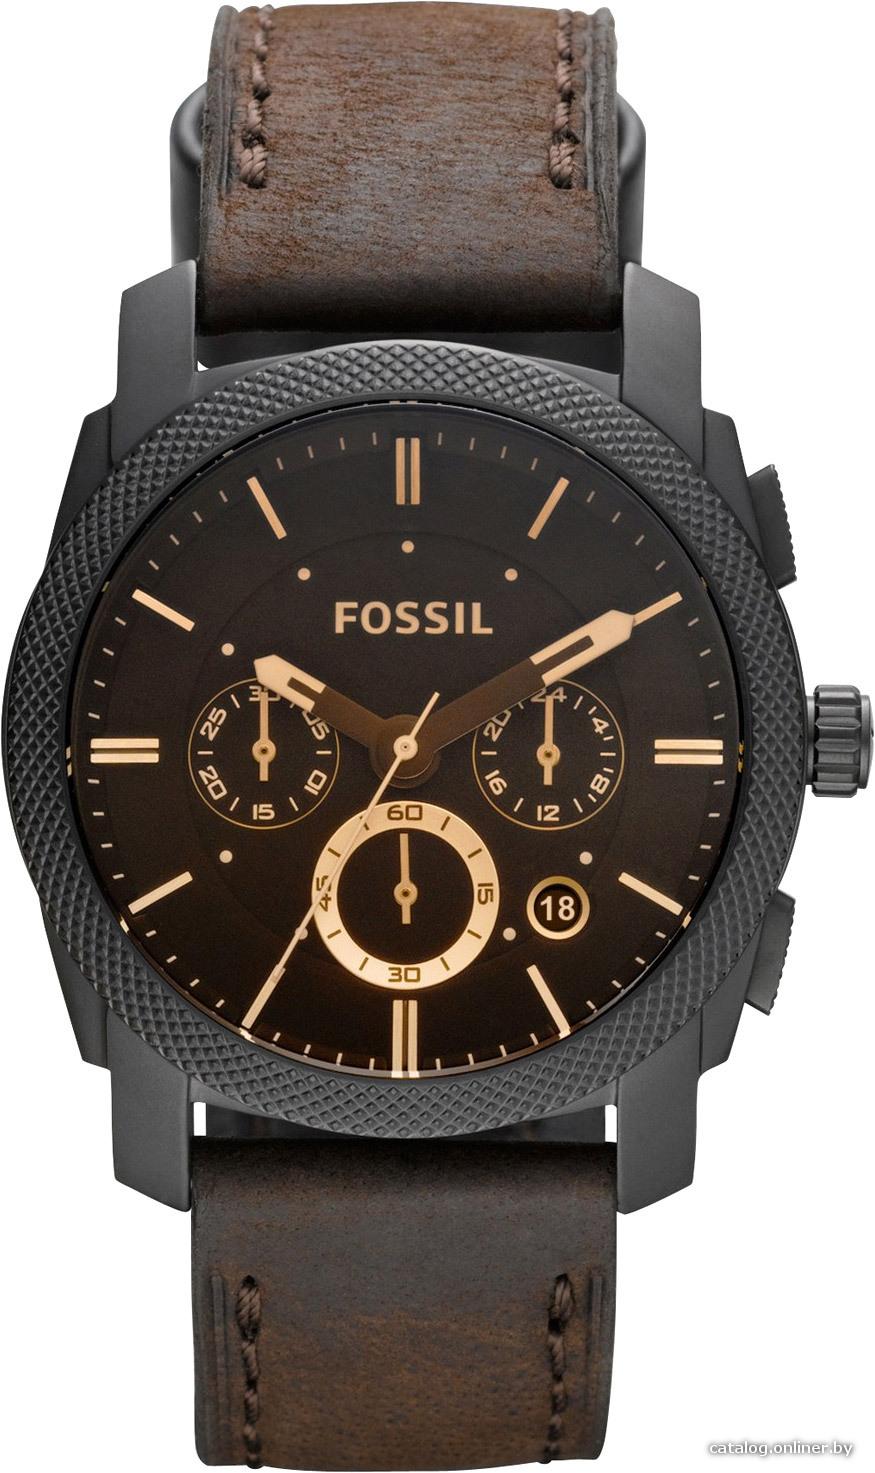 Часы мужские наручные противоударные швейцарские купить адамас часы наручные женские золотые